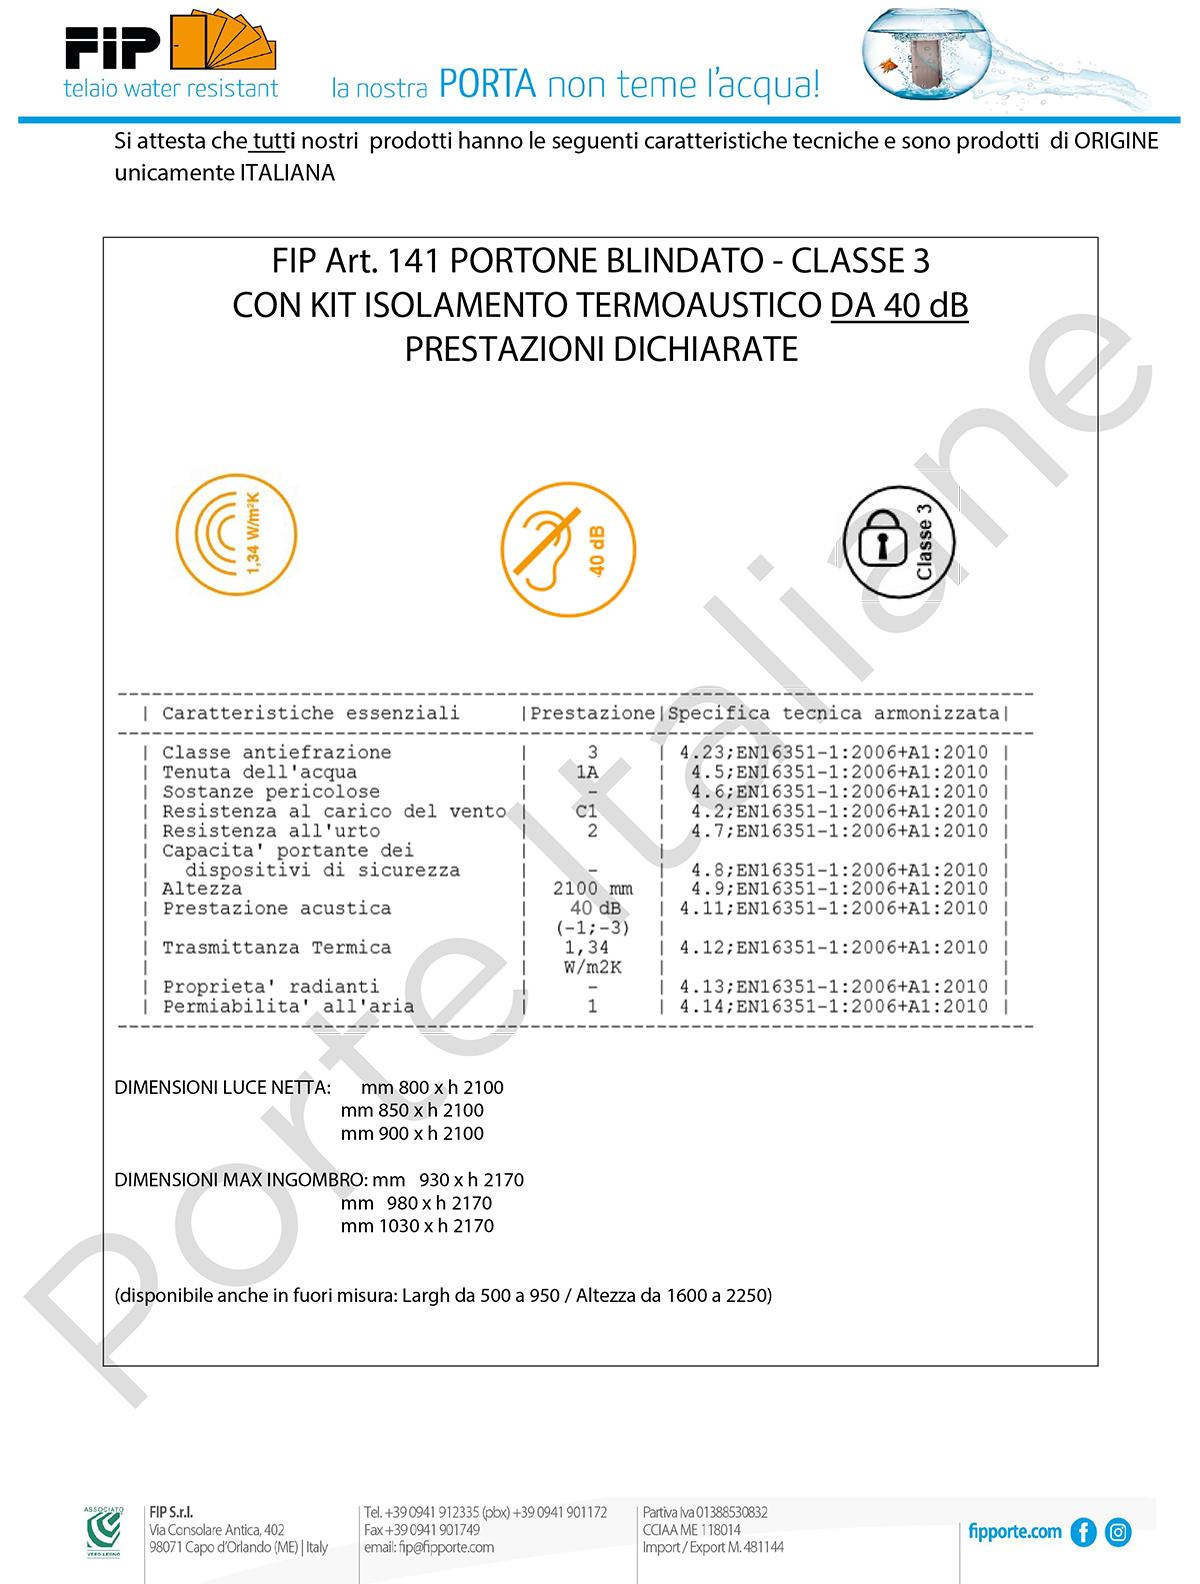 certificazione classe 3 portoncino blindato 40db